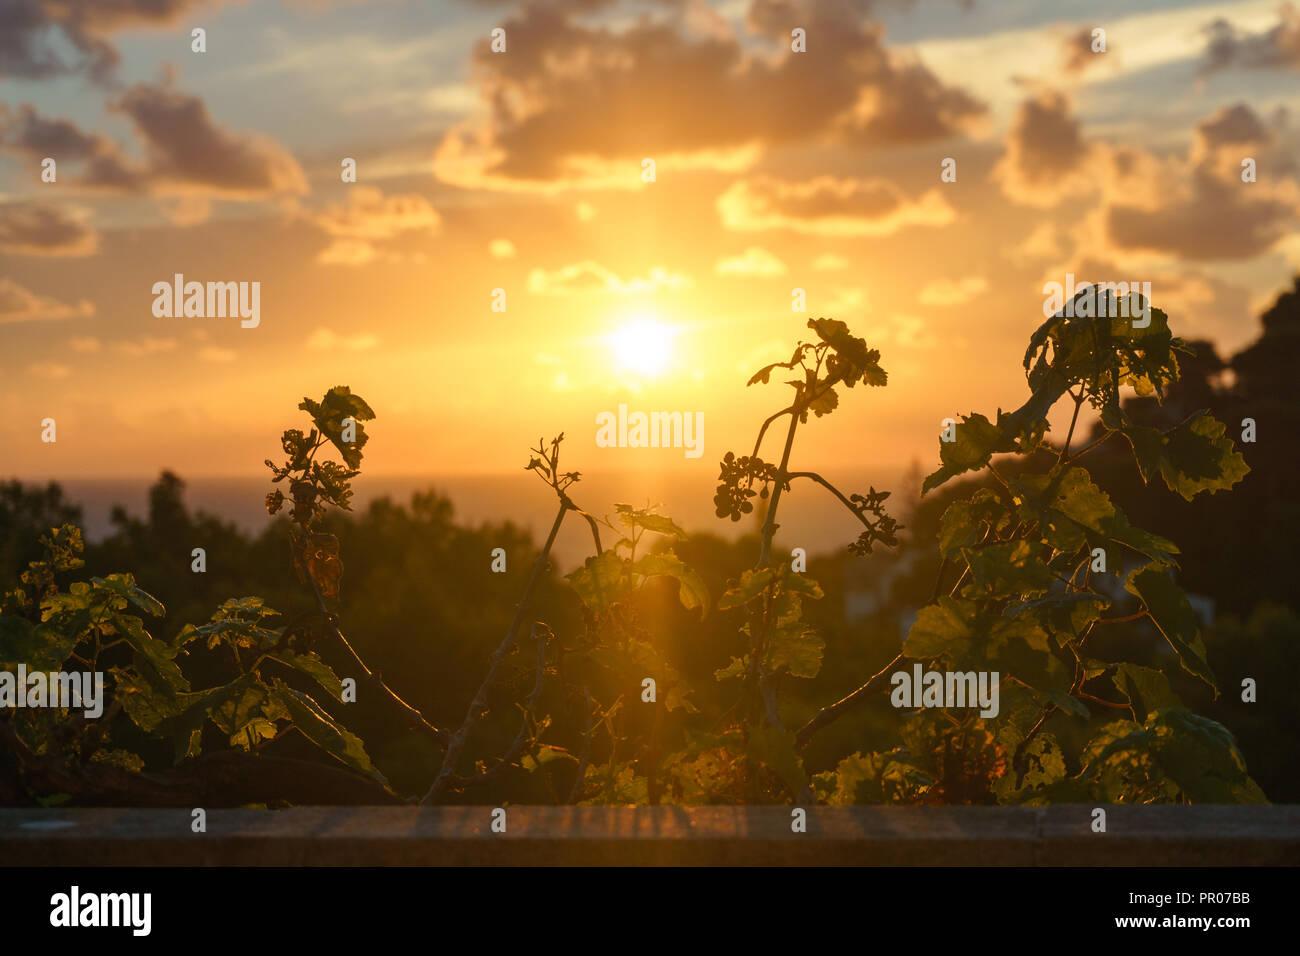 Europa Spanien Norden Mittelmeer  - Sonnenaufgang in Canyamel auf einem Balkon - Stock Image